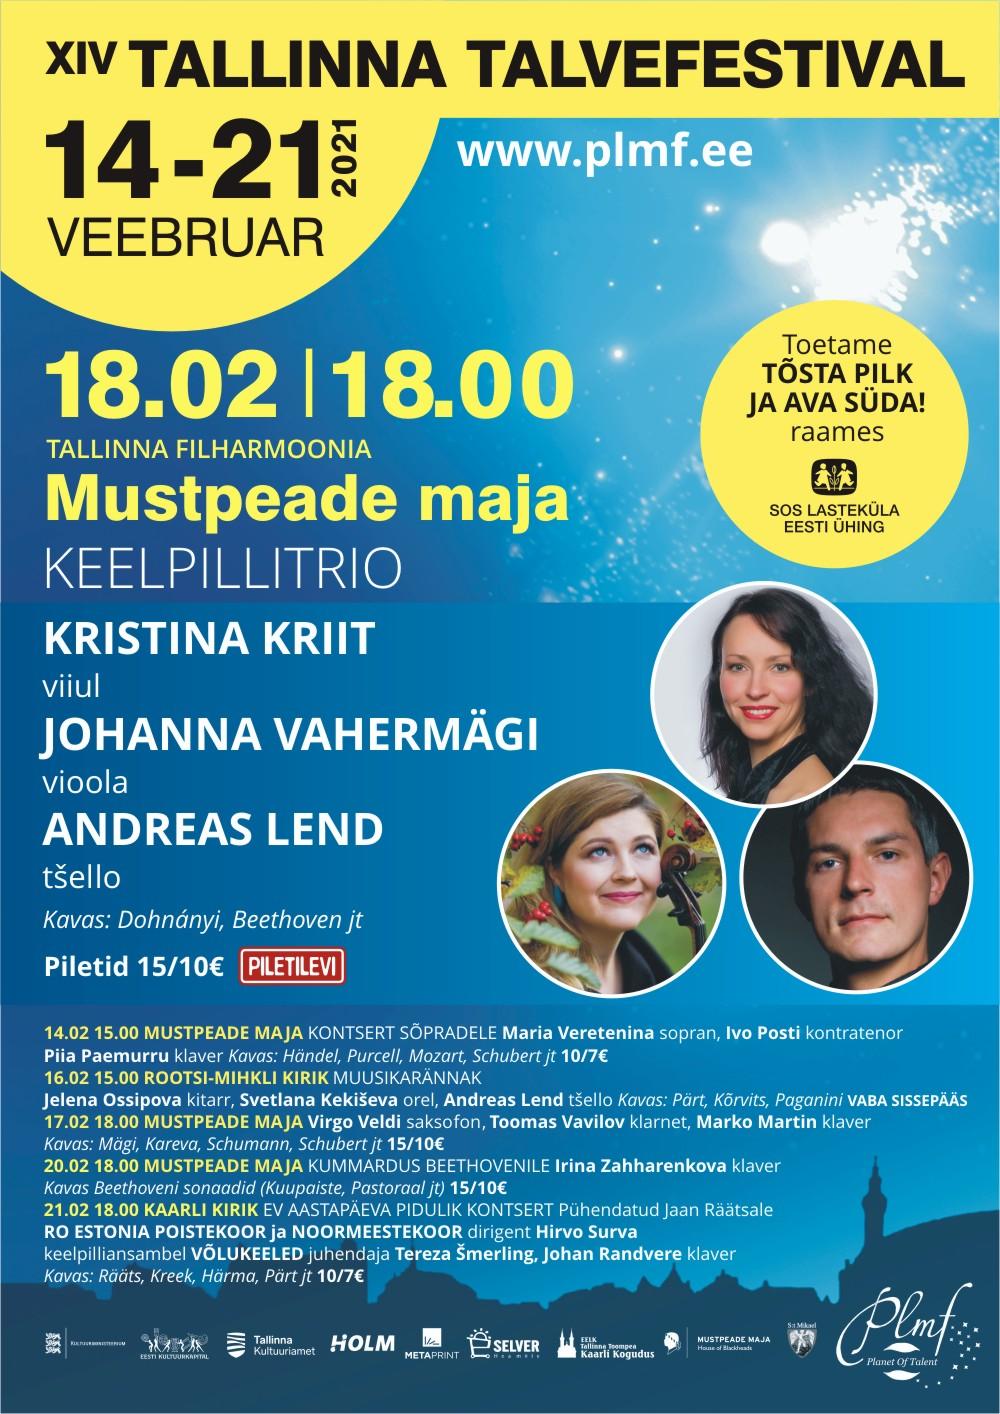 Kristina Kriit, Johanna Vahermägi, Andreas Lend - XIV Tallinna Talvefestival